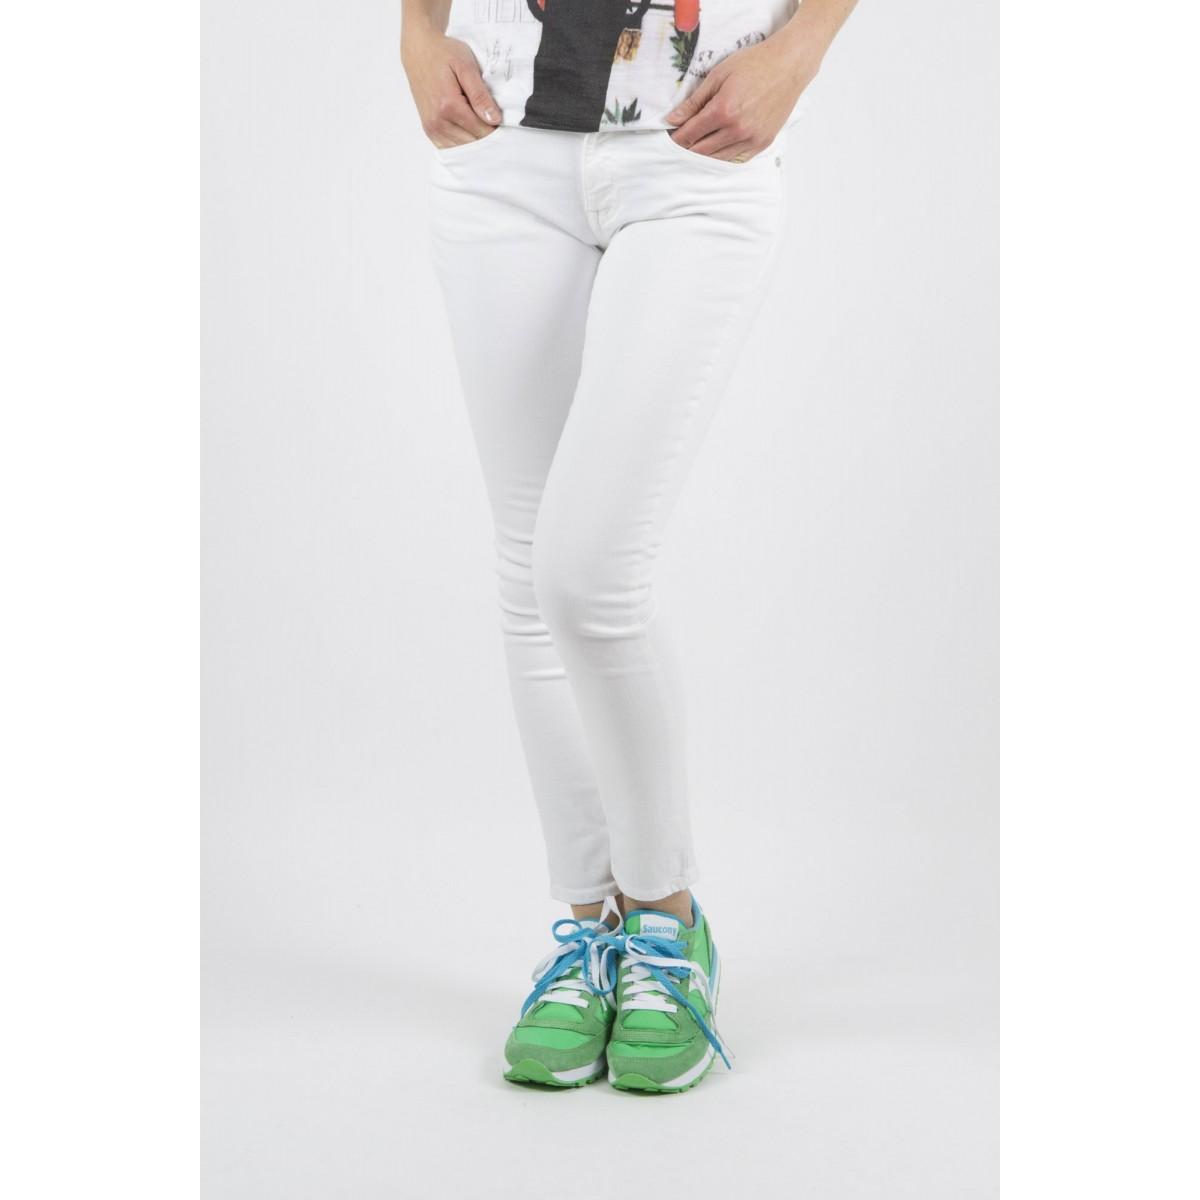 Jeans Ralph Lauren Damen - V60Ig388Bg014